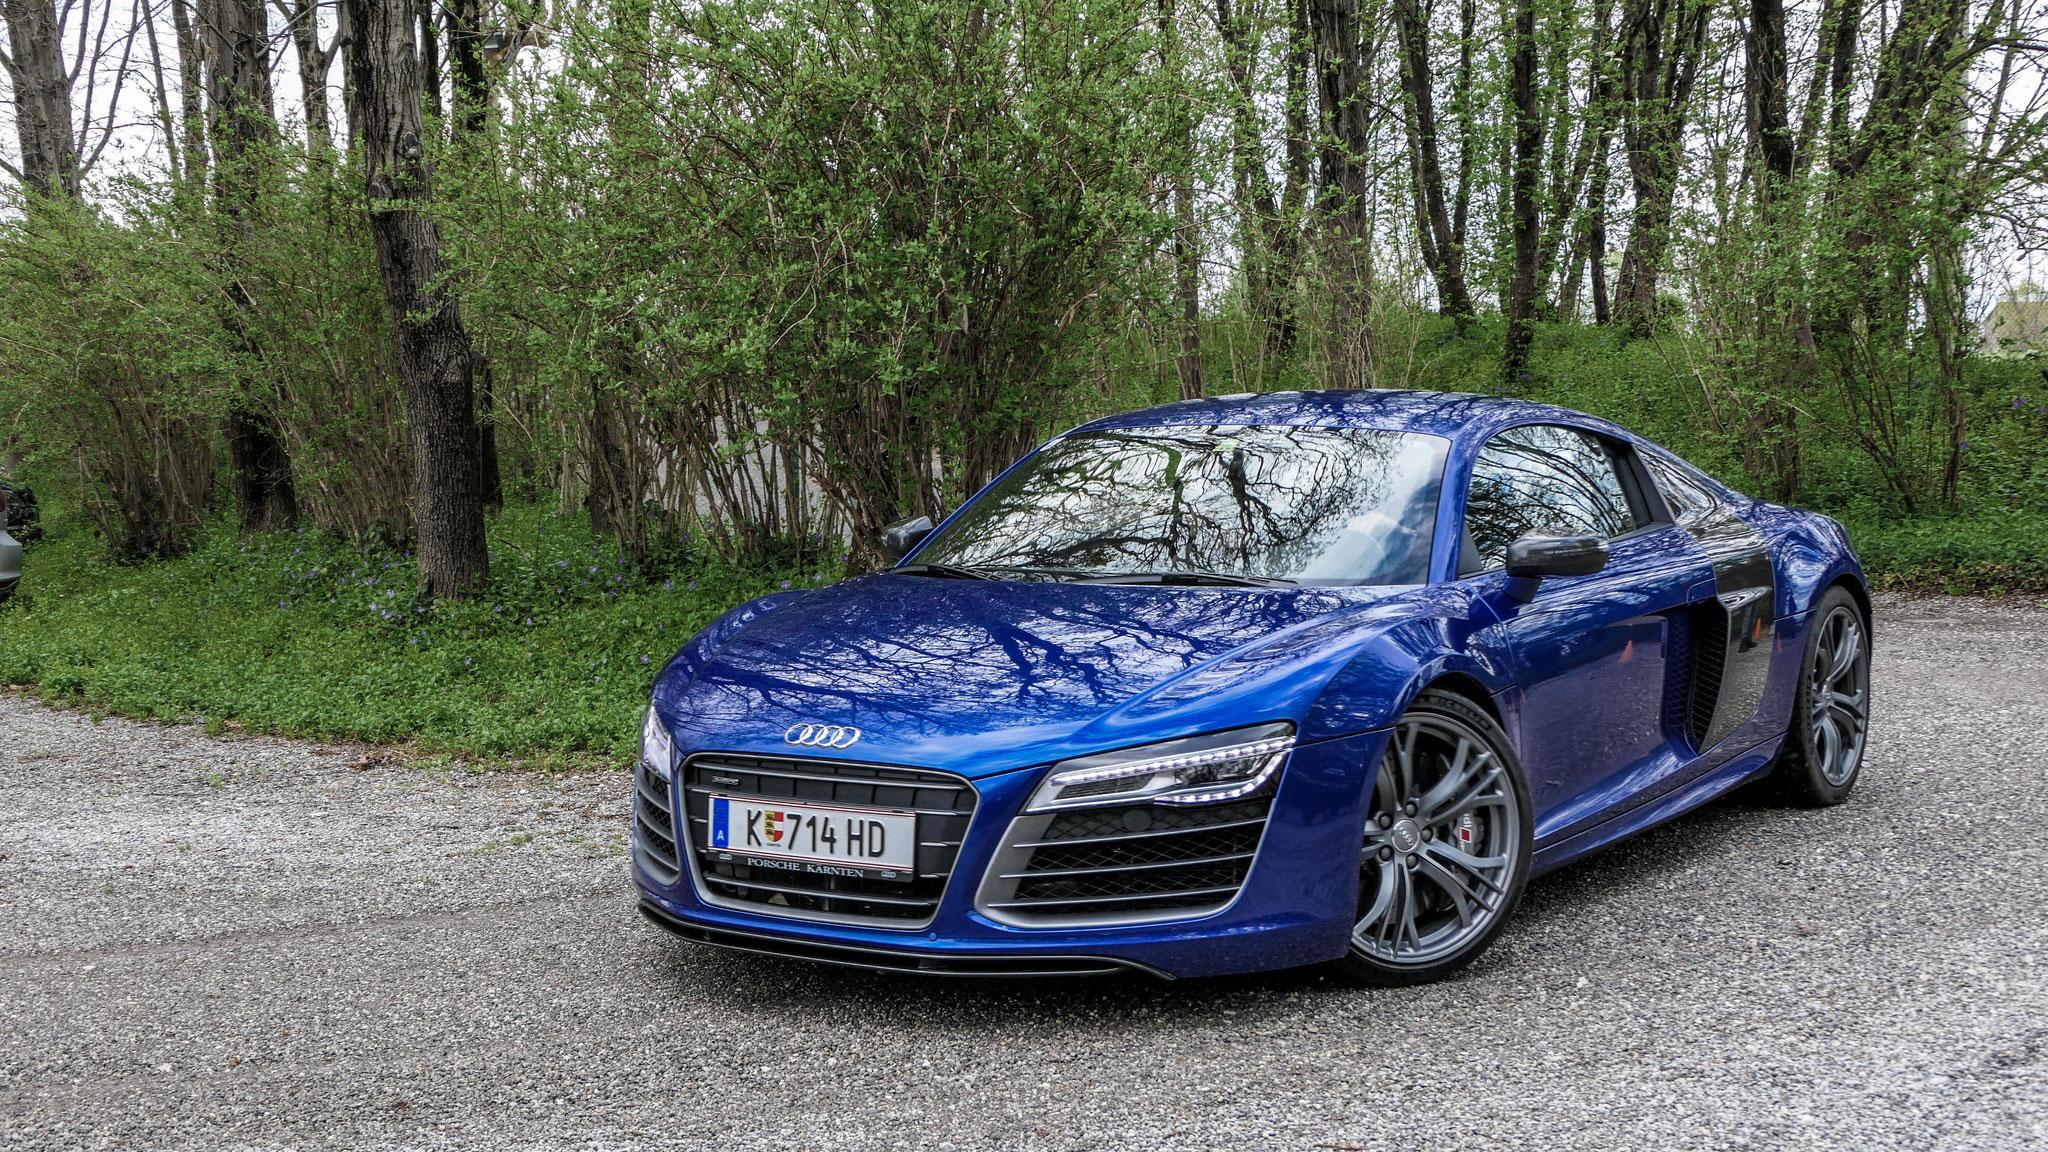 Audi R8 - K-714-HD (AUT)